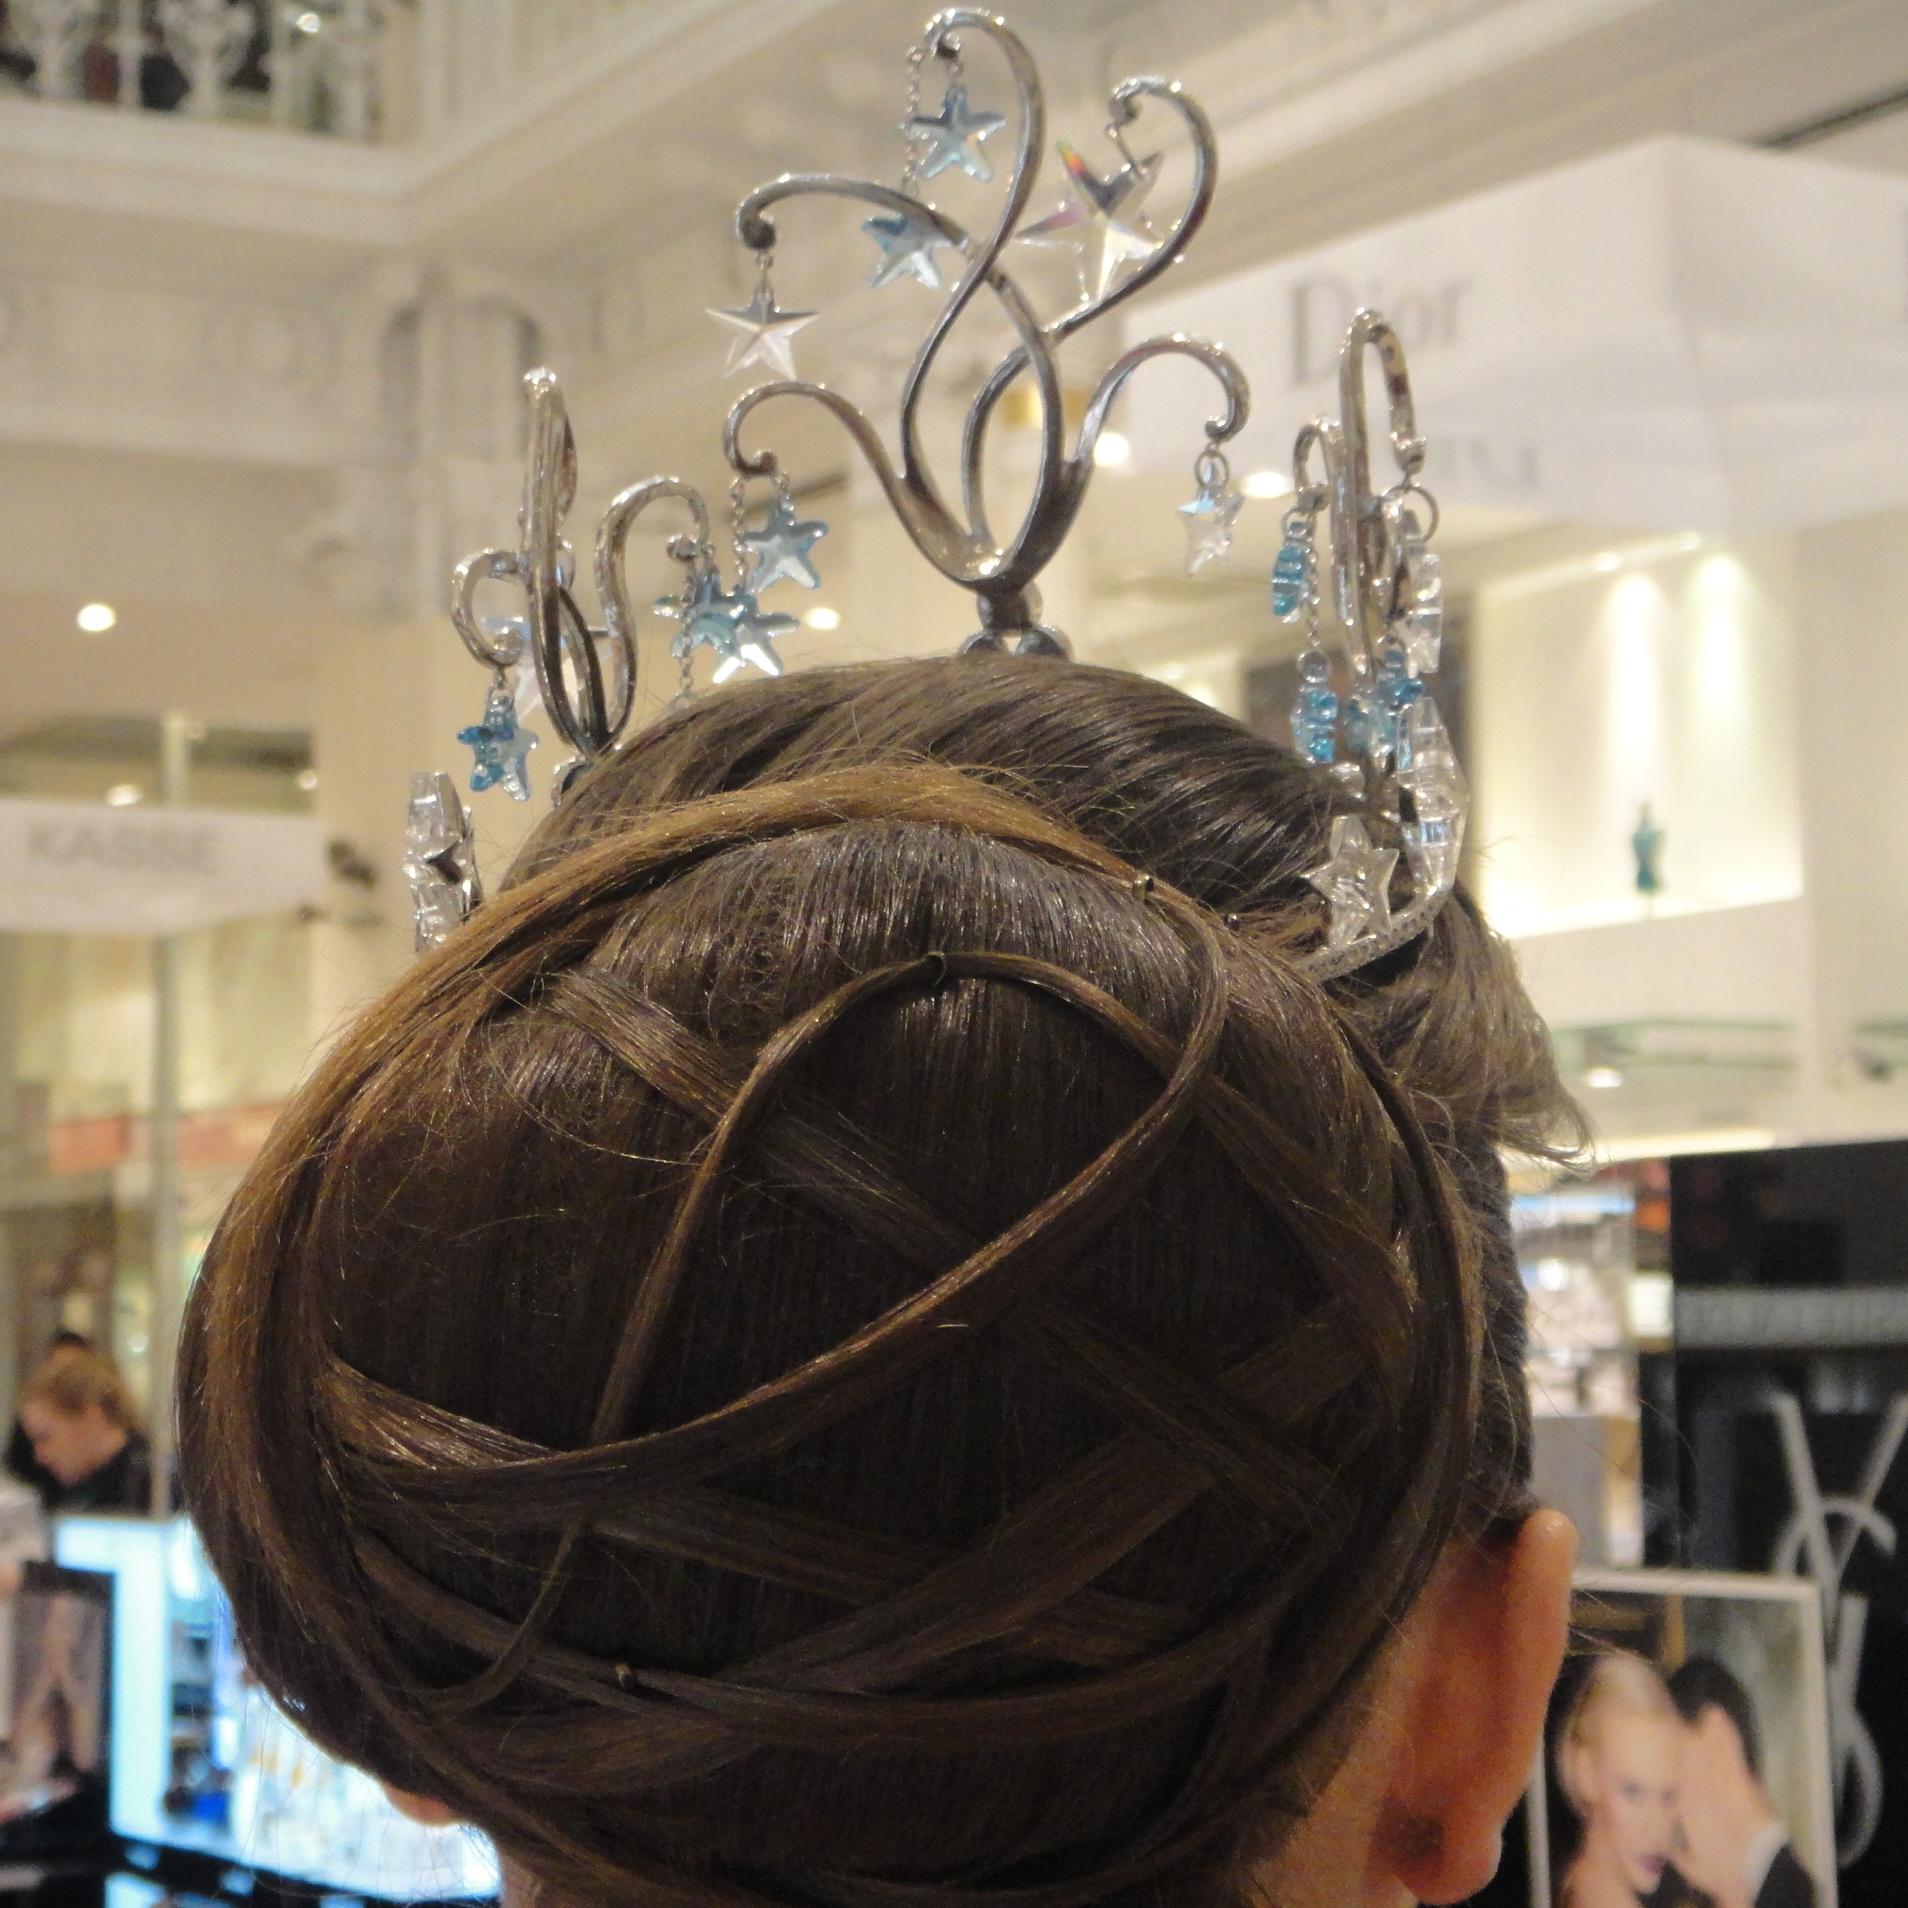 I loved Viktoria's hair! - Ich fand Viktorias Frisur so schön!